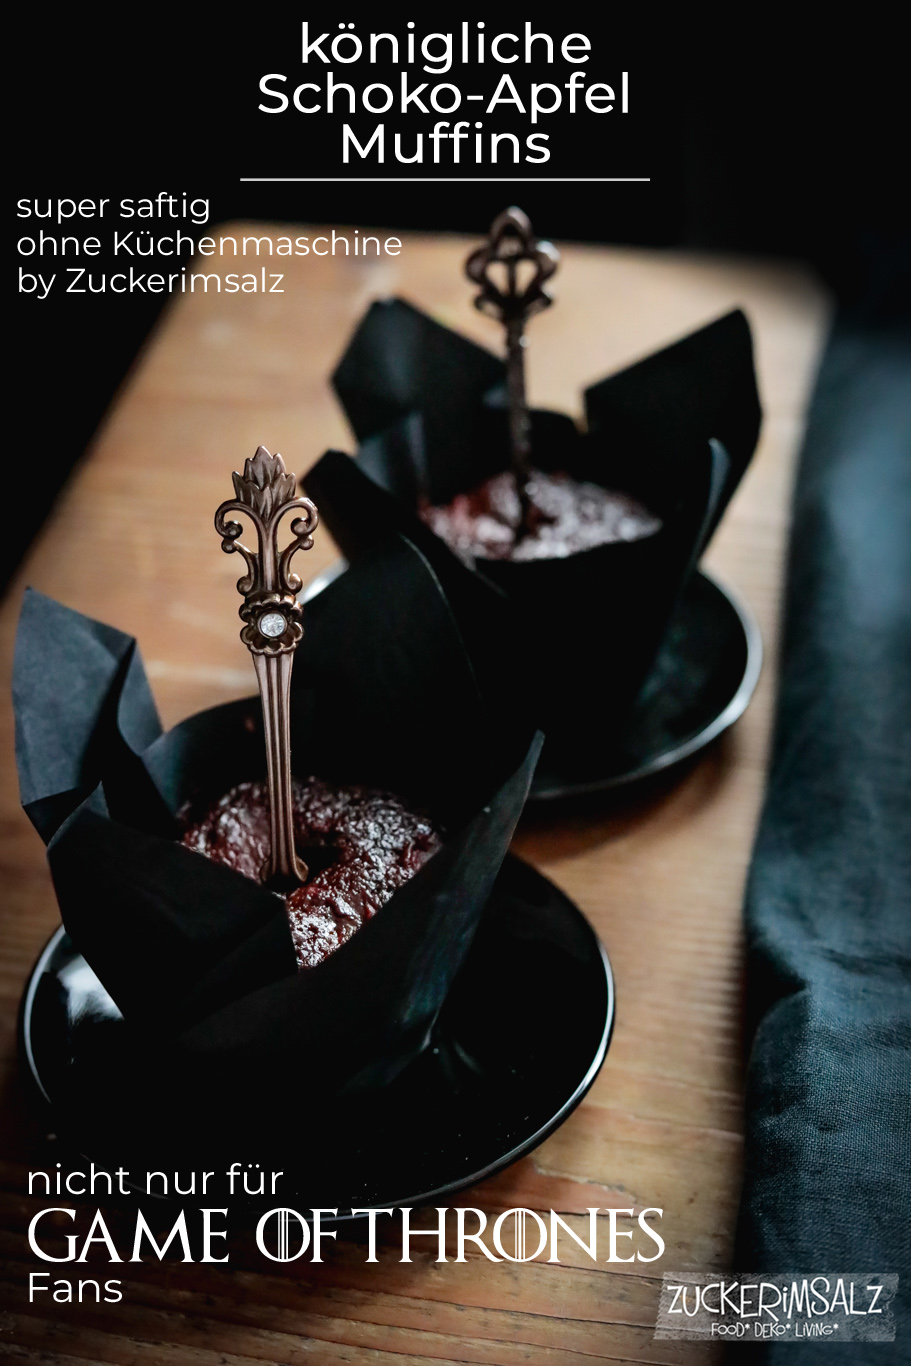 königliche Schoko & Apfel Muffins …  nicht nur für Game of Thrones Fans